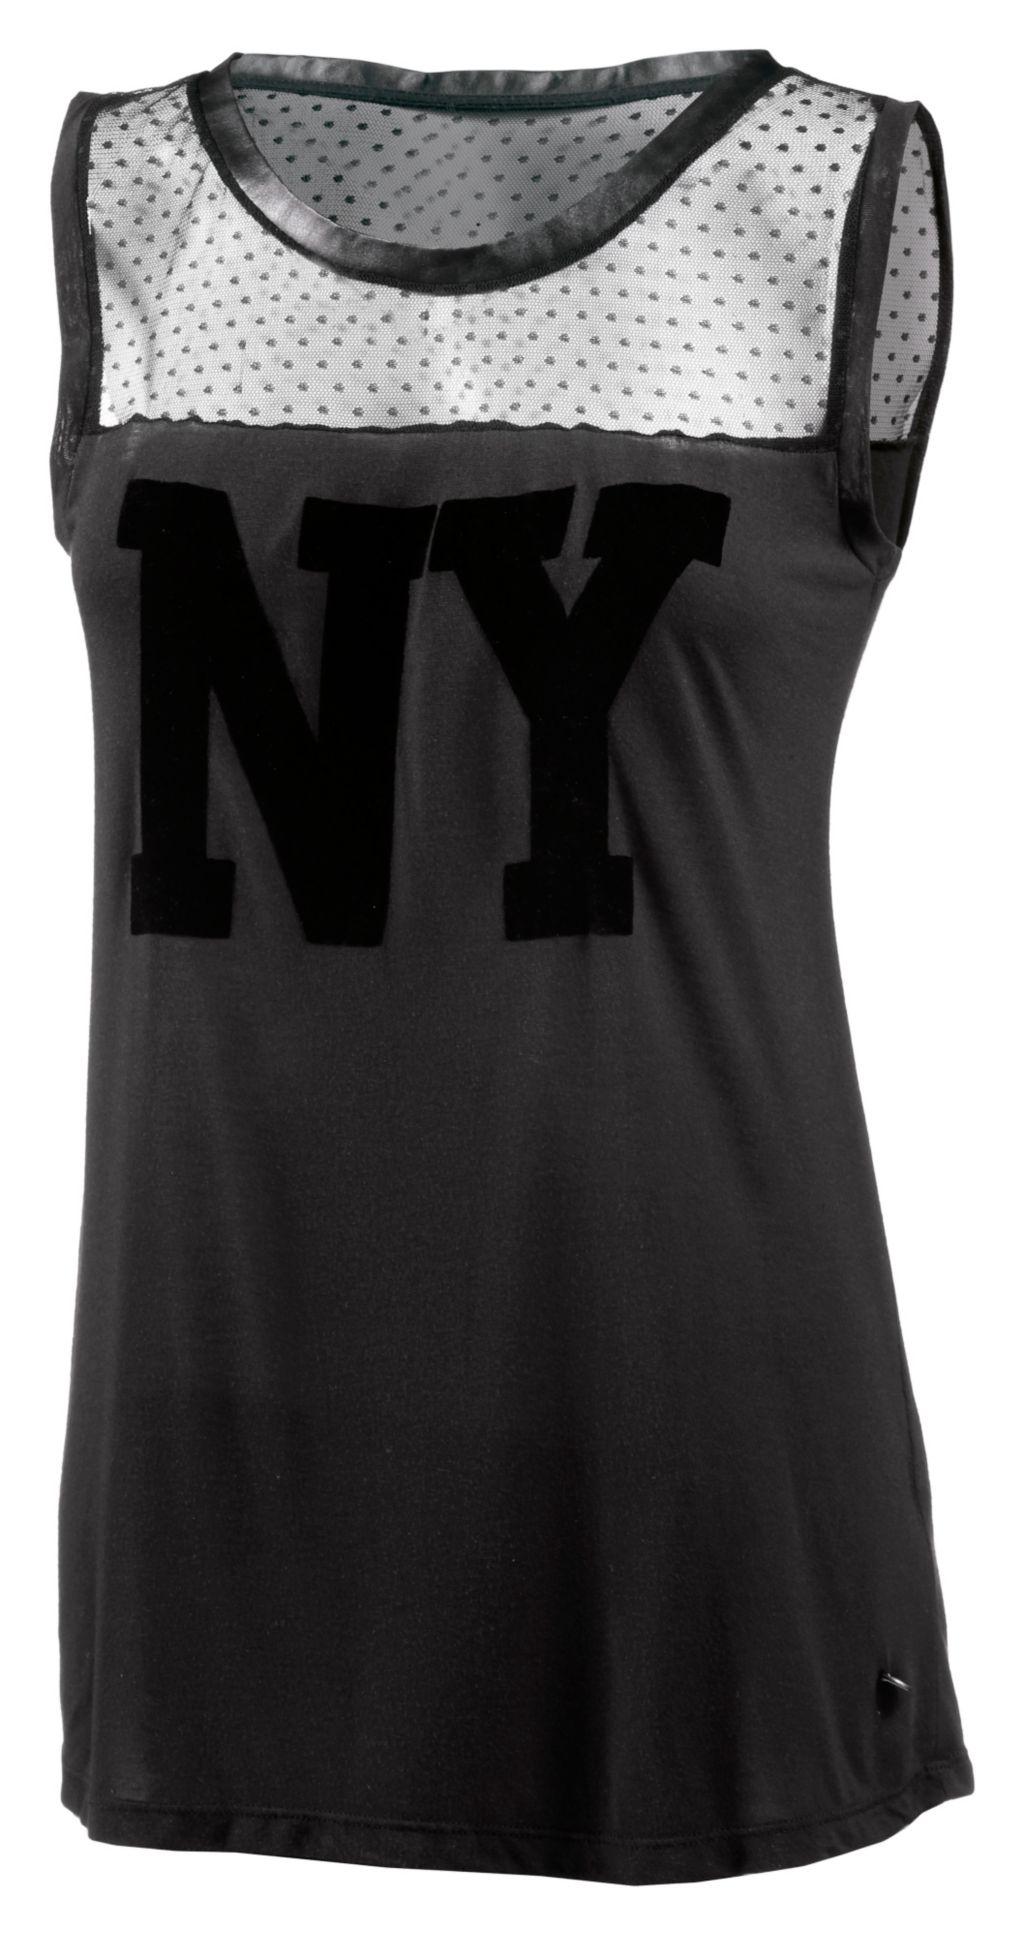 Replaytv T-Shirt Damen in schwarz, Größe S